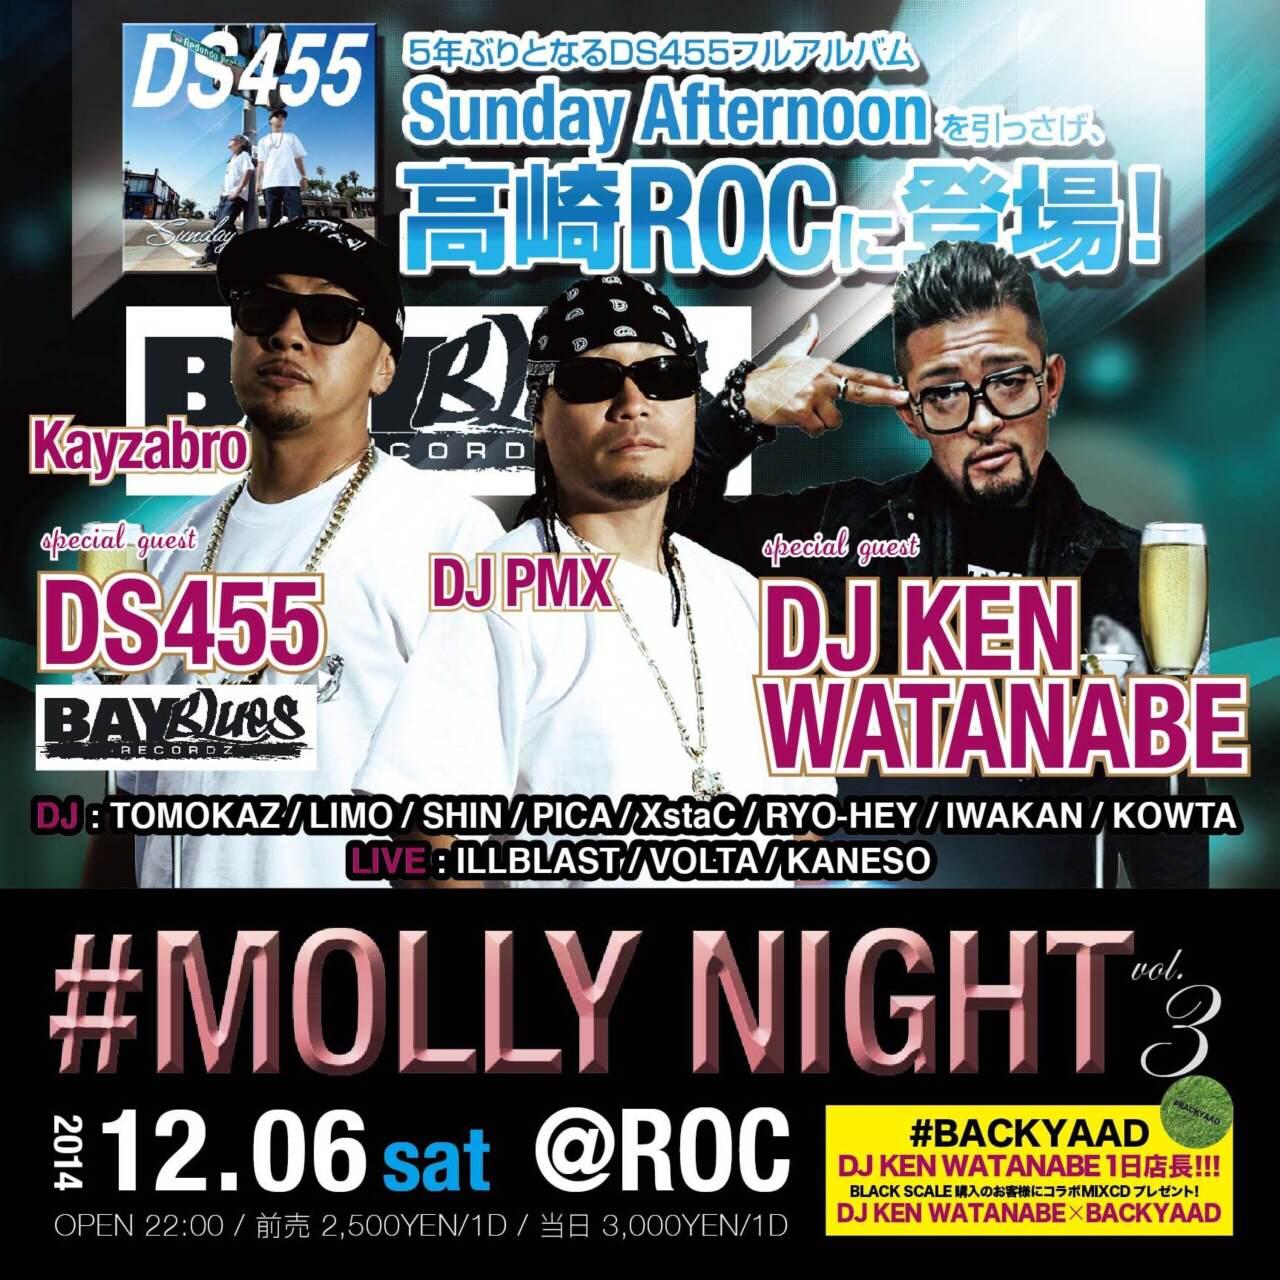 12月6日(土)「MOLLY NIGHT vol.3」@群馬県高崎市 CLUB ROC